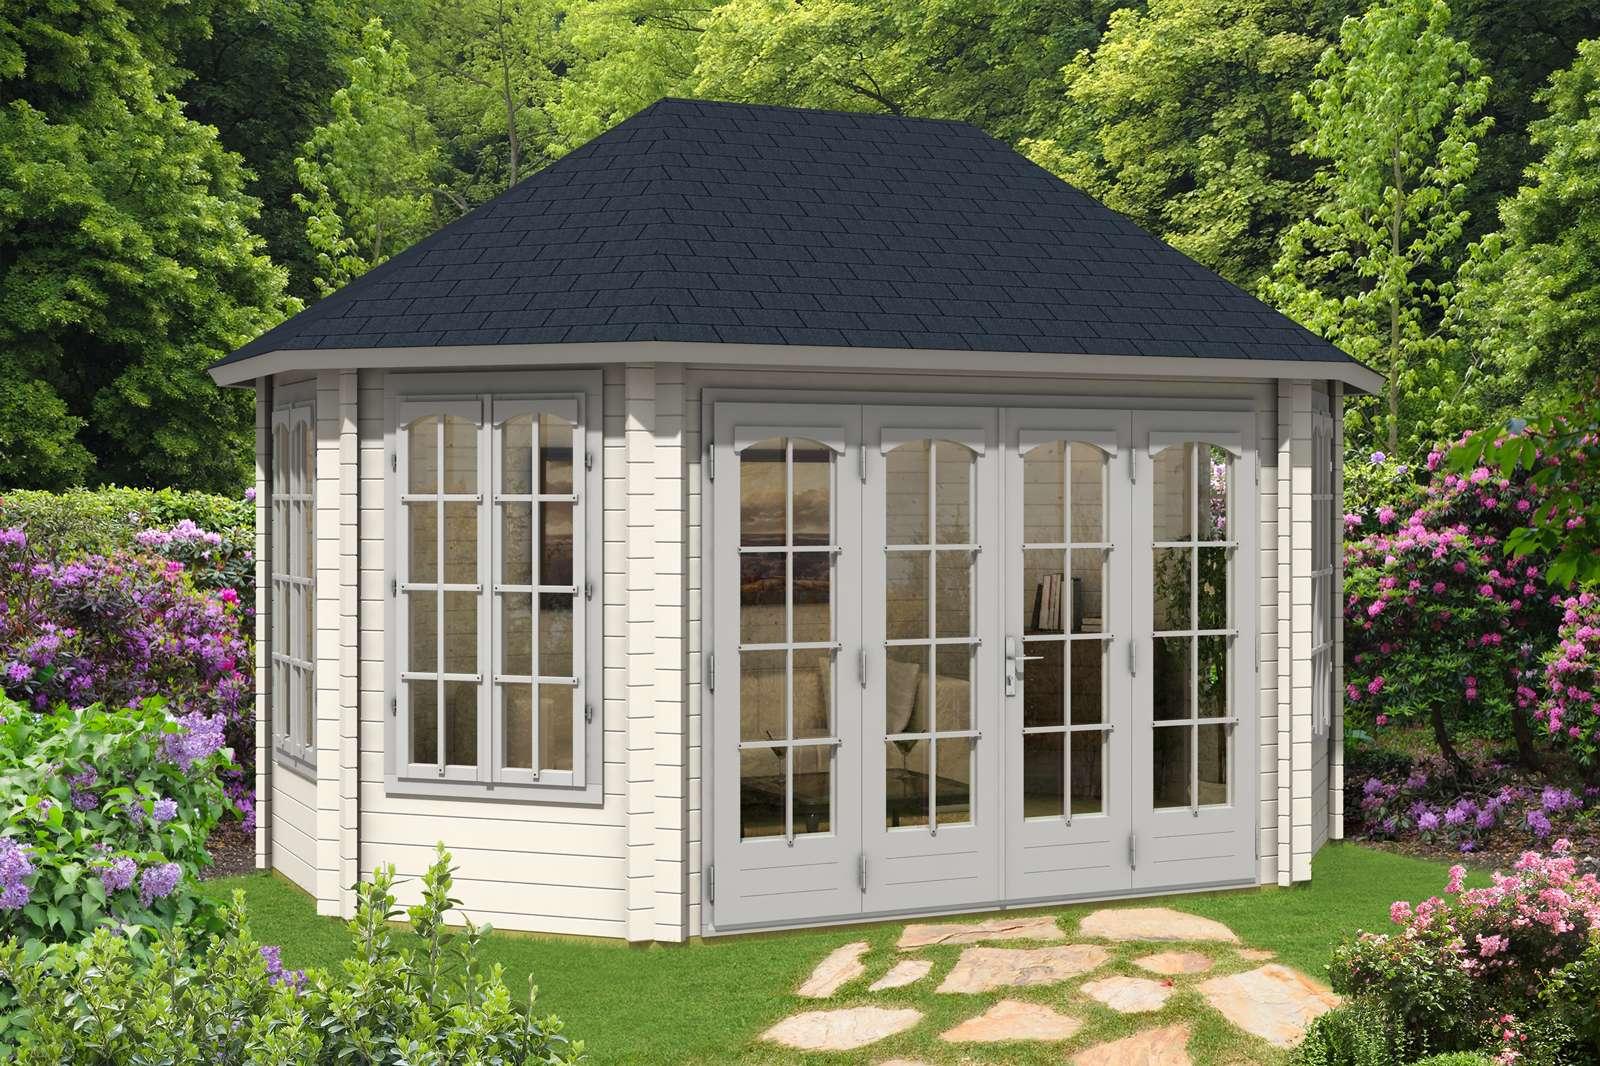 Gartenhaus gr nland aufbauanleitung my blog - Globus baumarkt gartenhaus ...